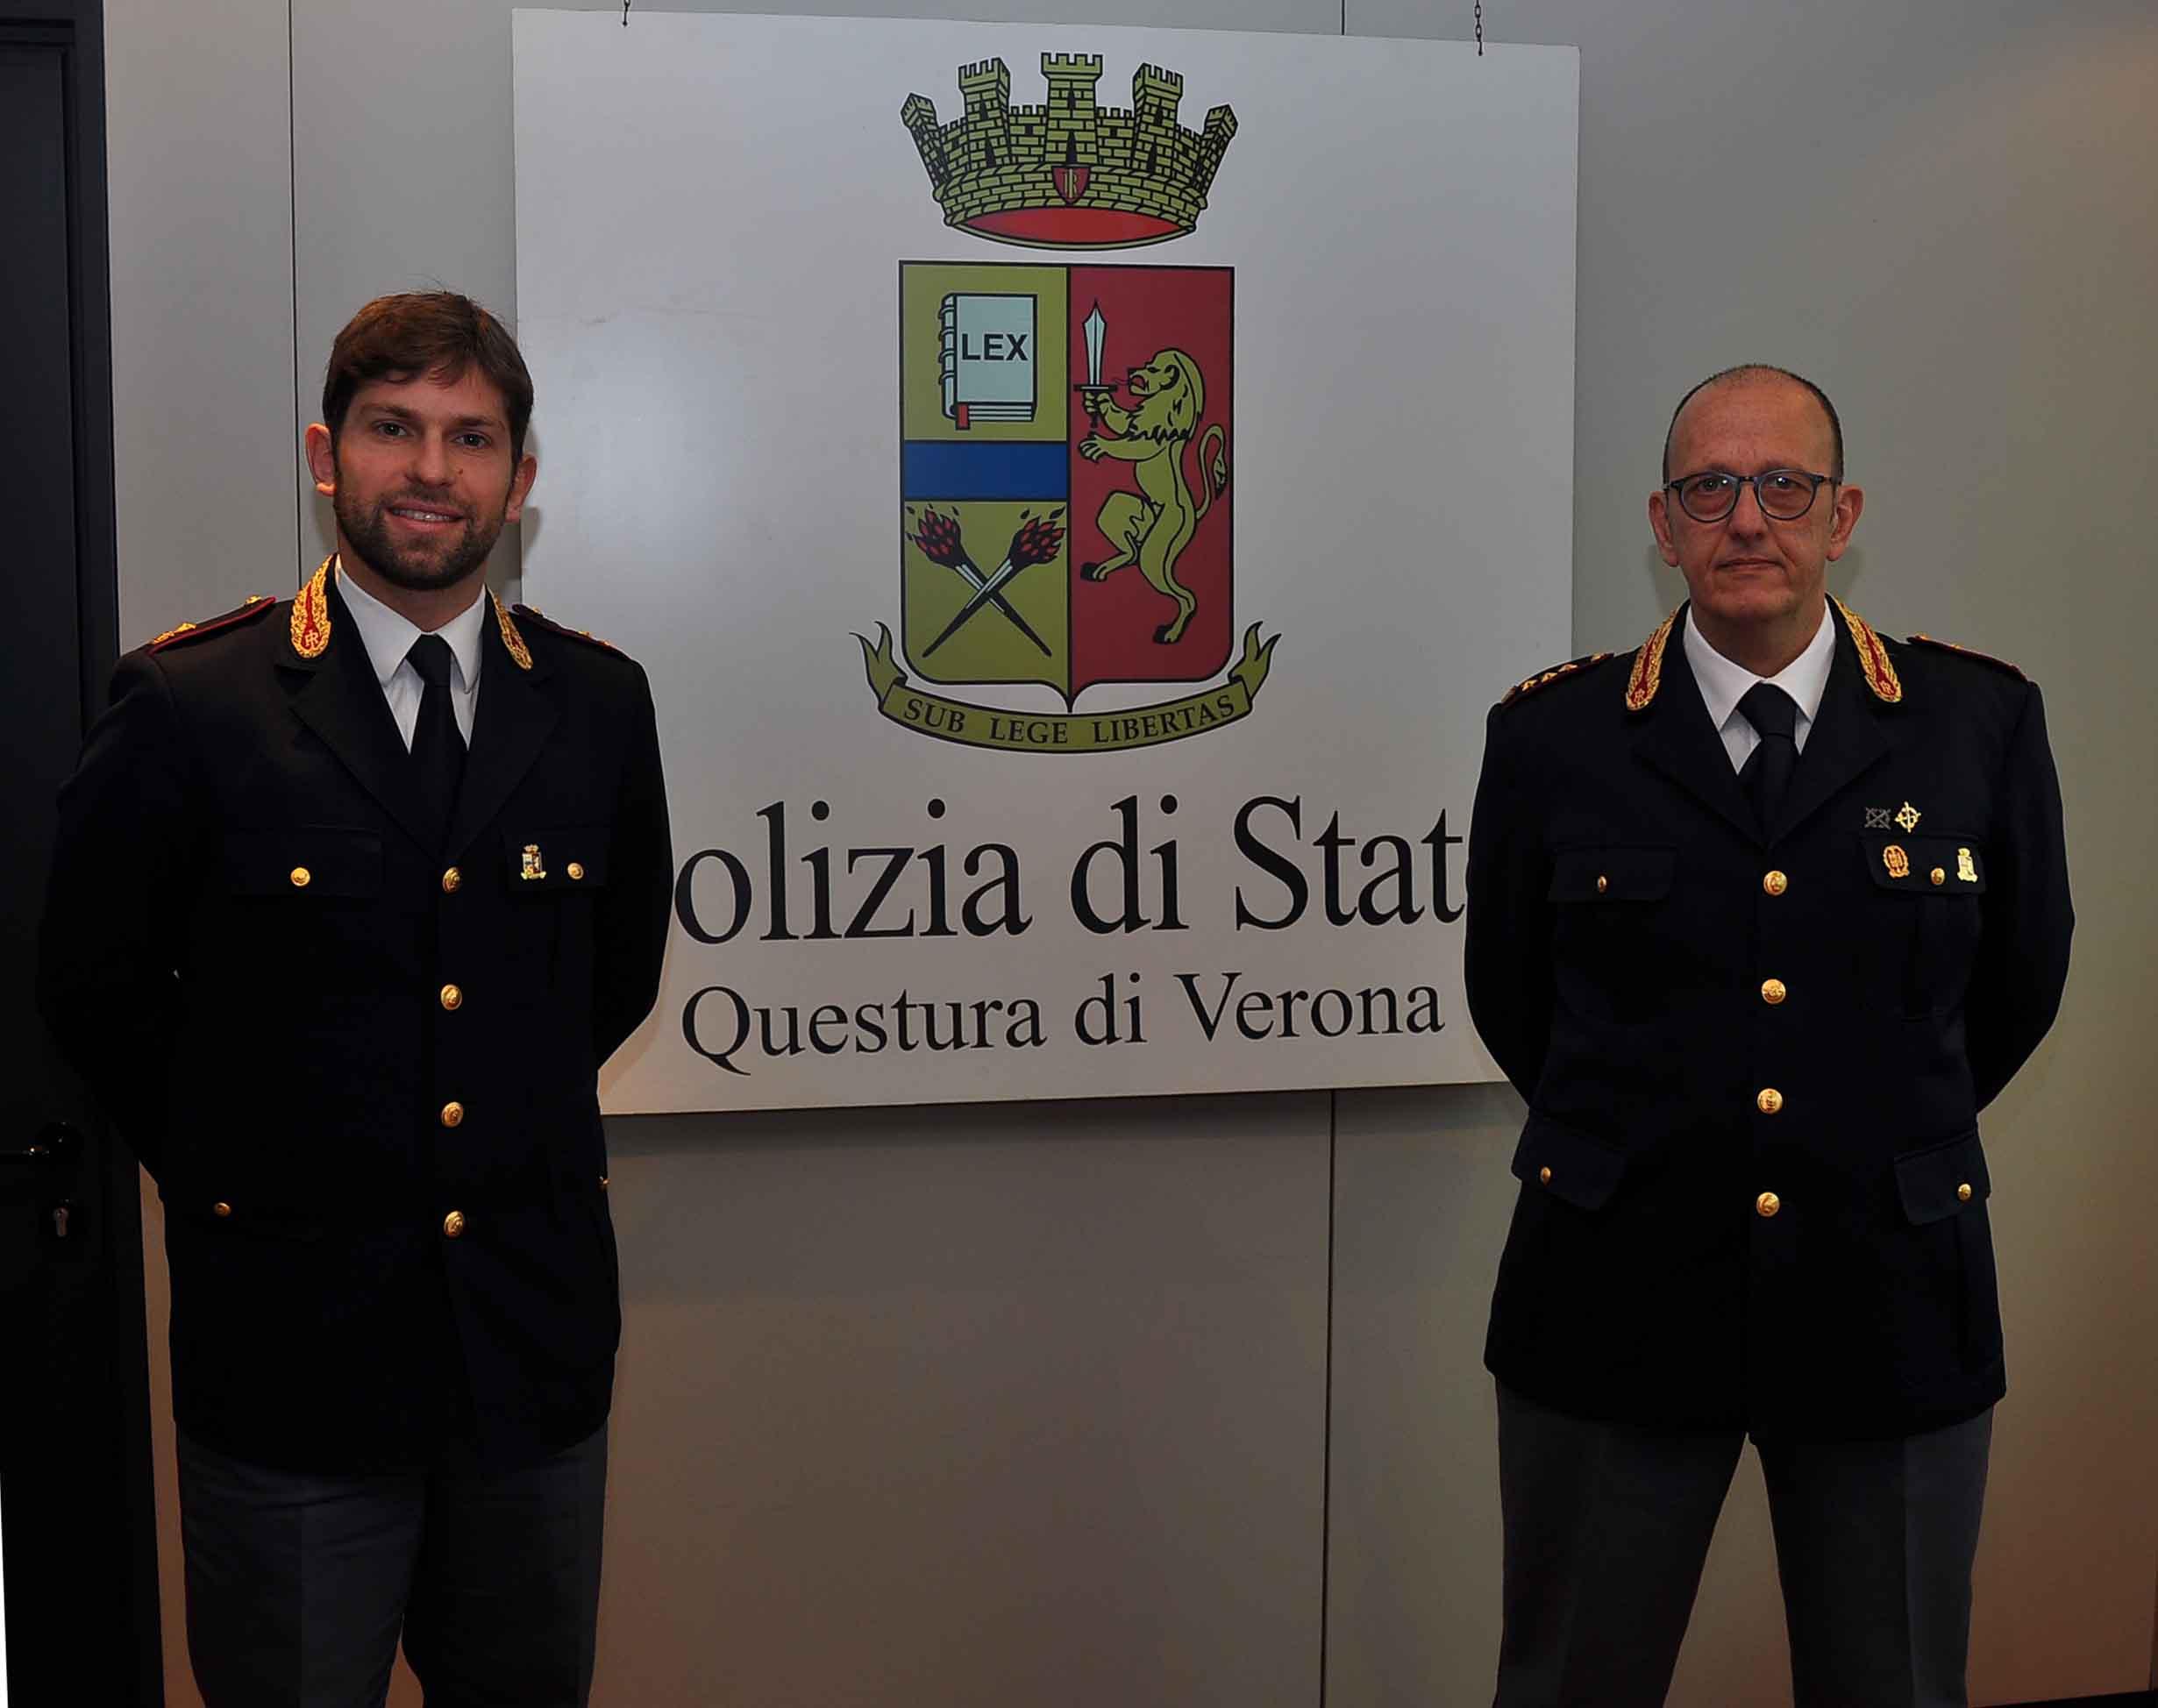 Verona assegnati a verona tre funzionari di polizia due for Questura di verona permesso di soggiorno